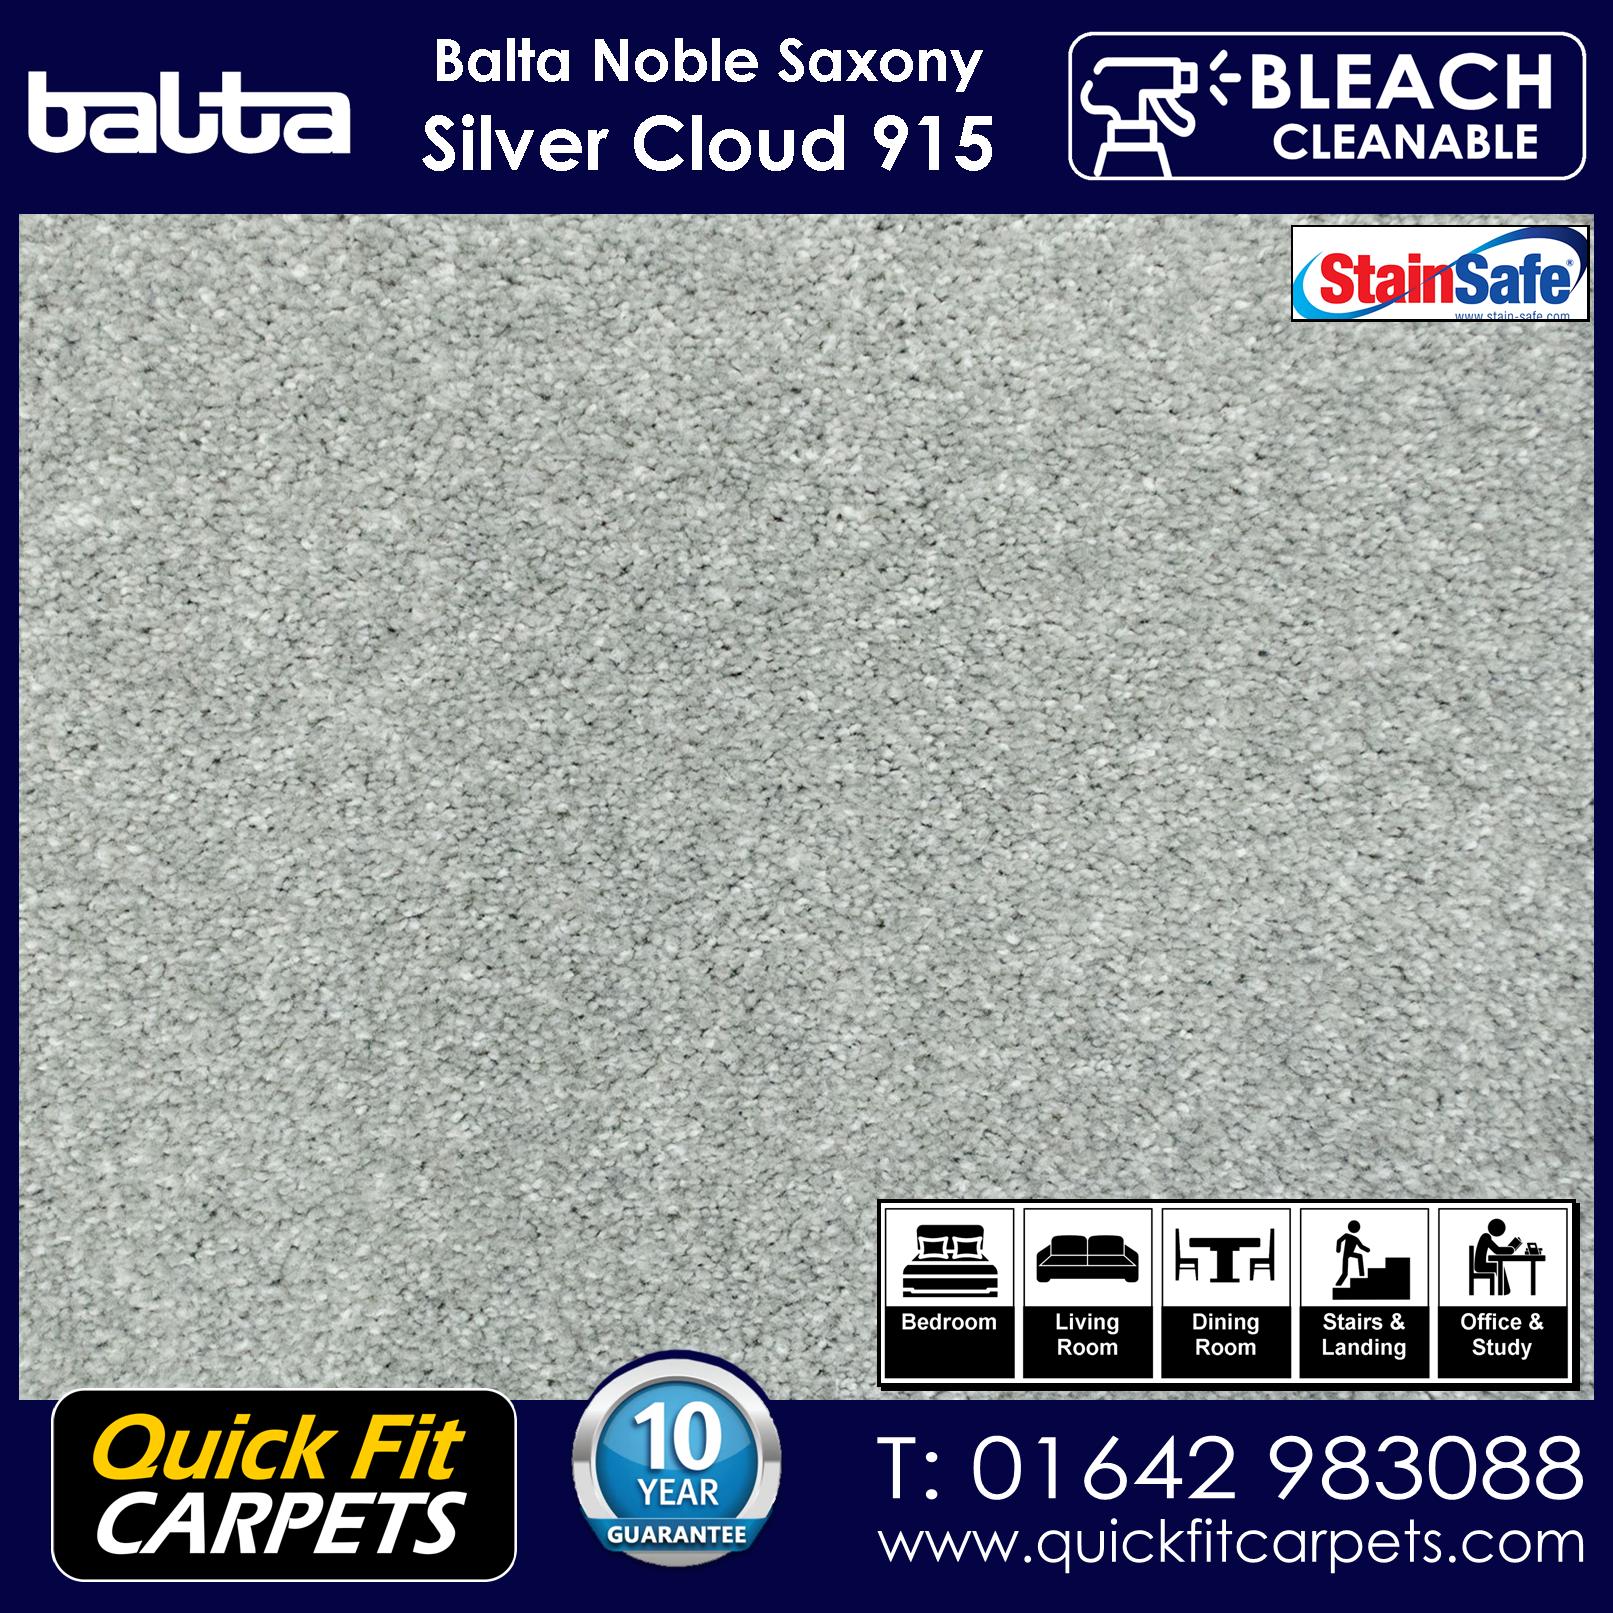 Quick Fit Carpets Balta Luxury Pile Silver Cloud 915